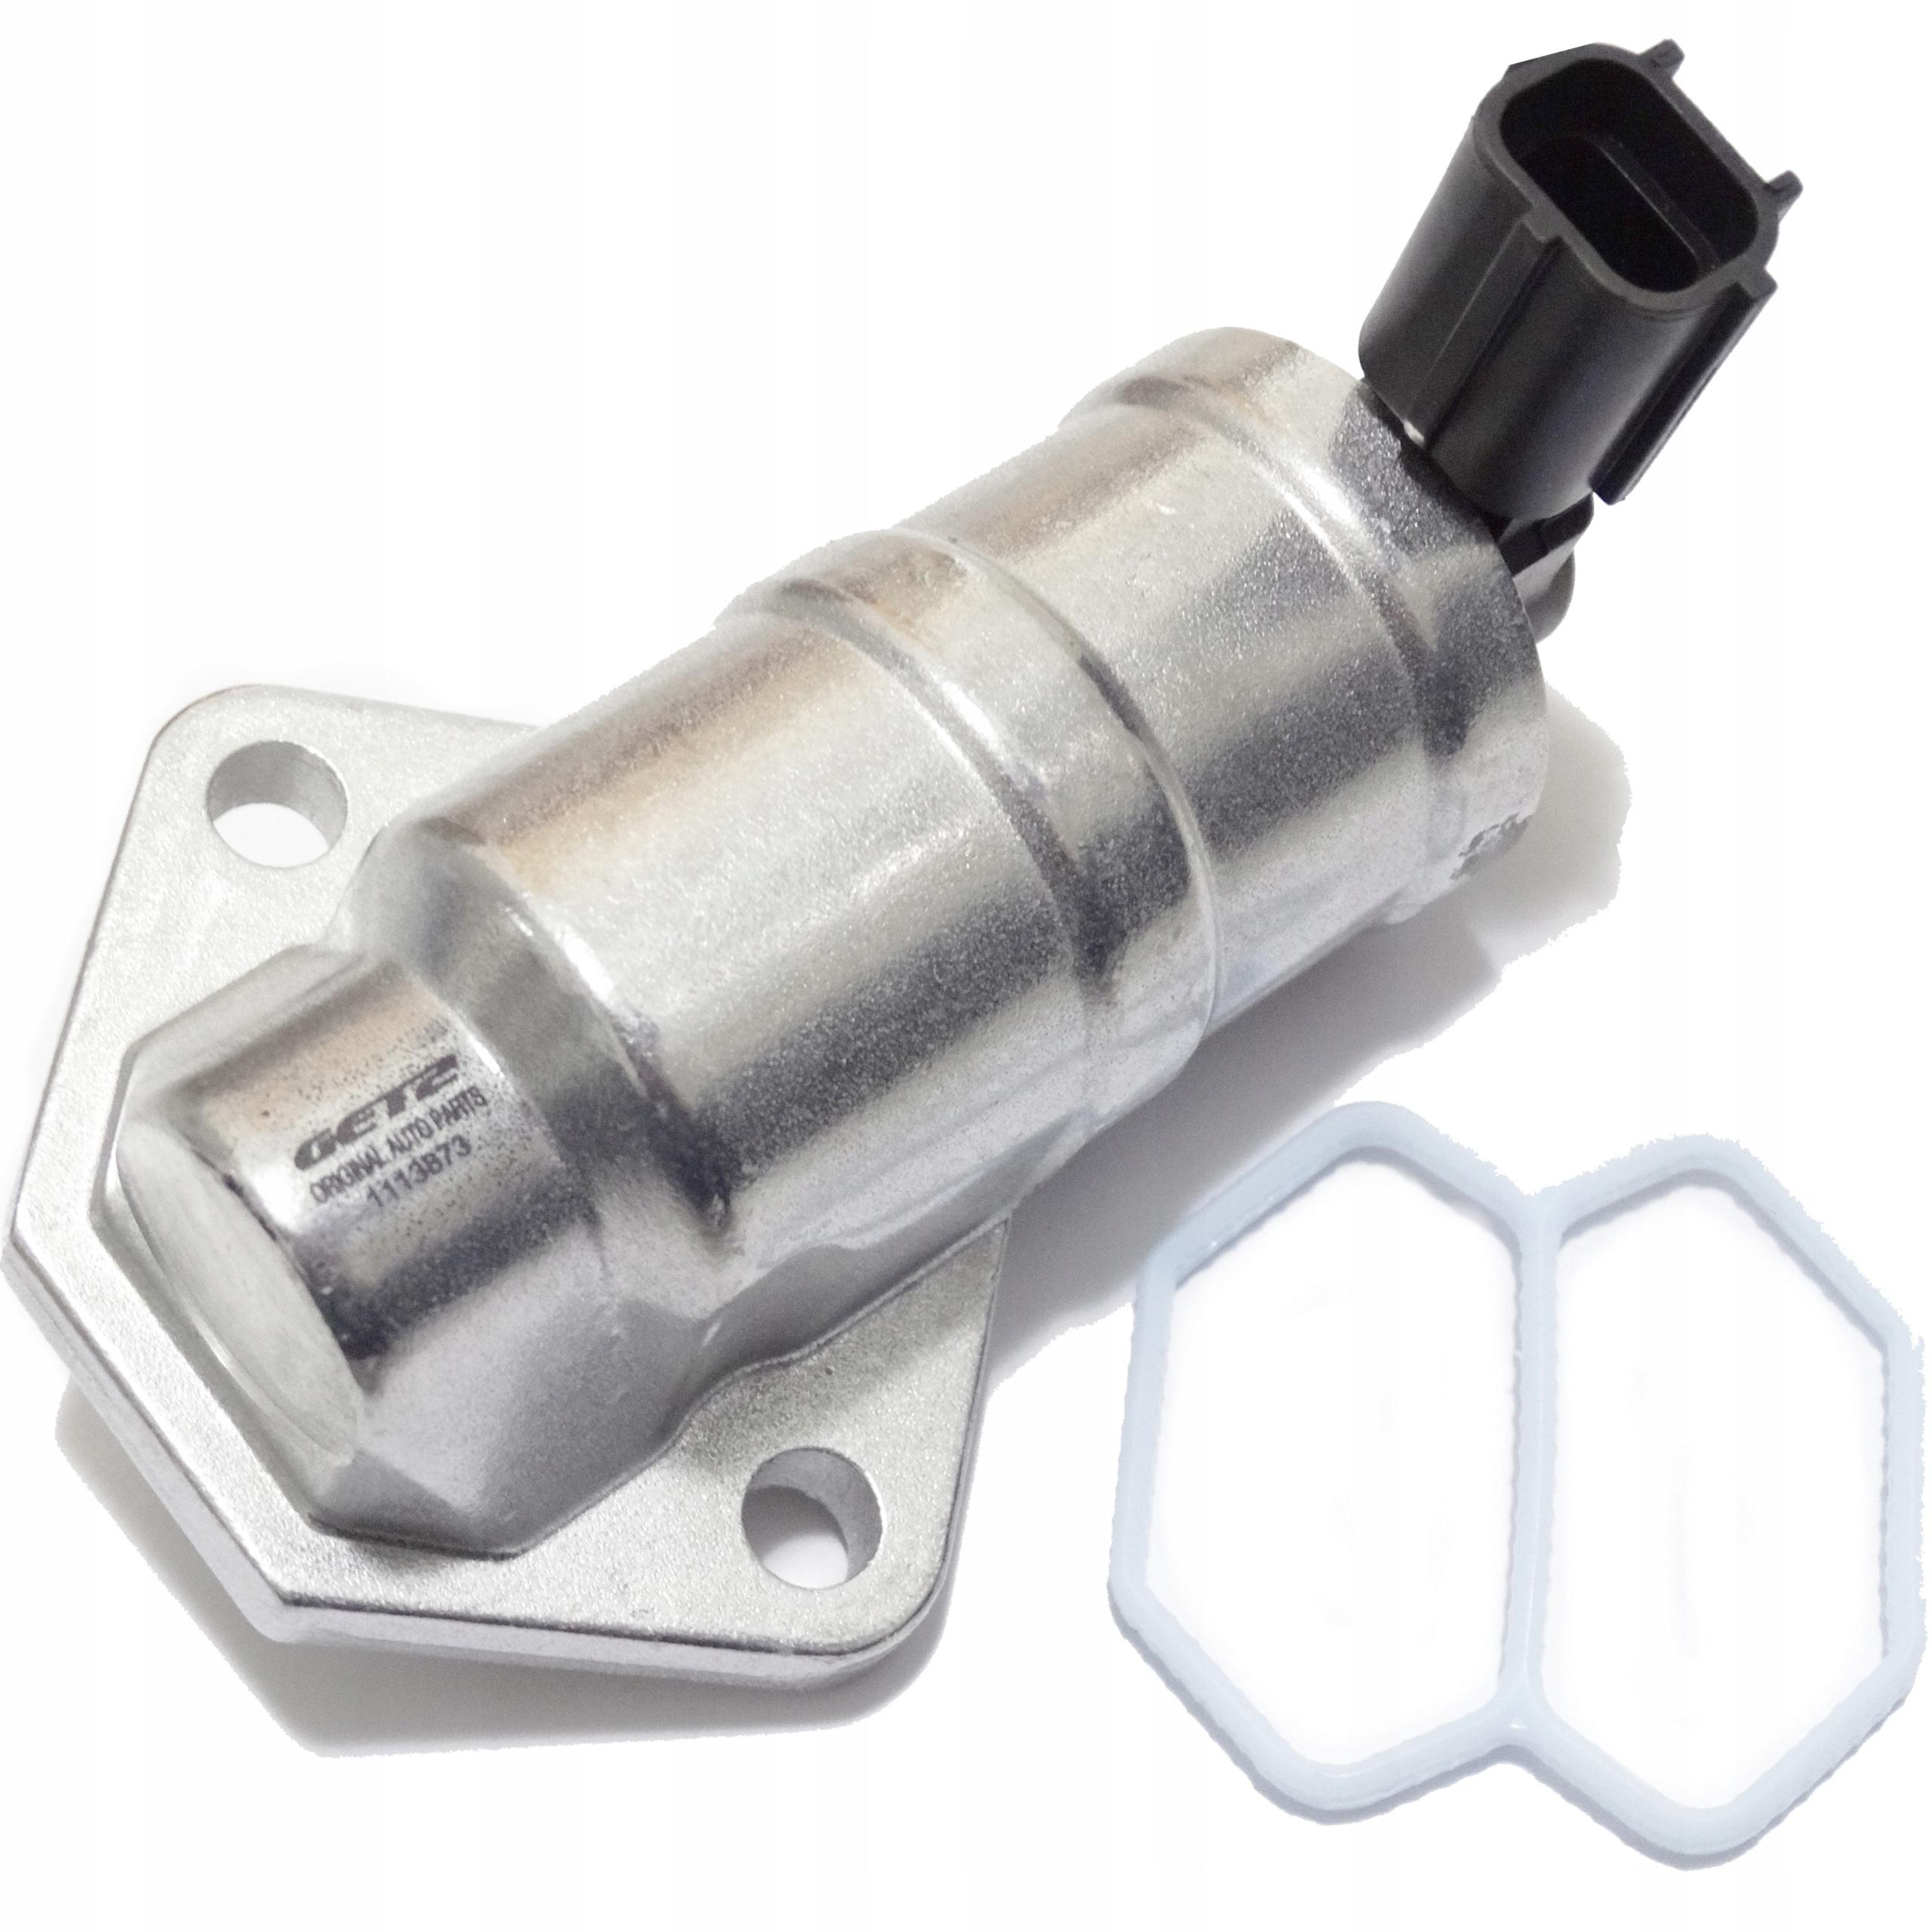 двигатель шаговый ford mondeo mk3 18 20 16v 00-07